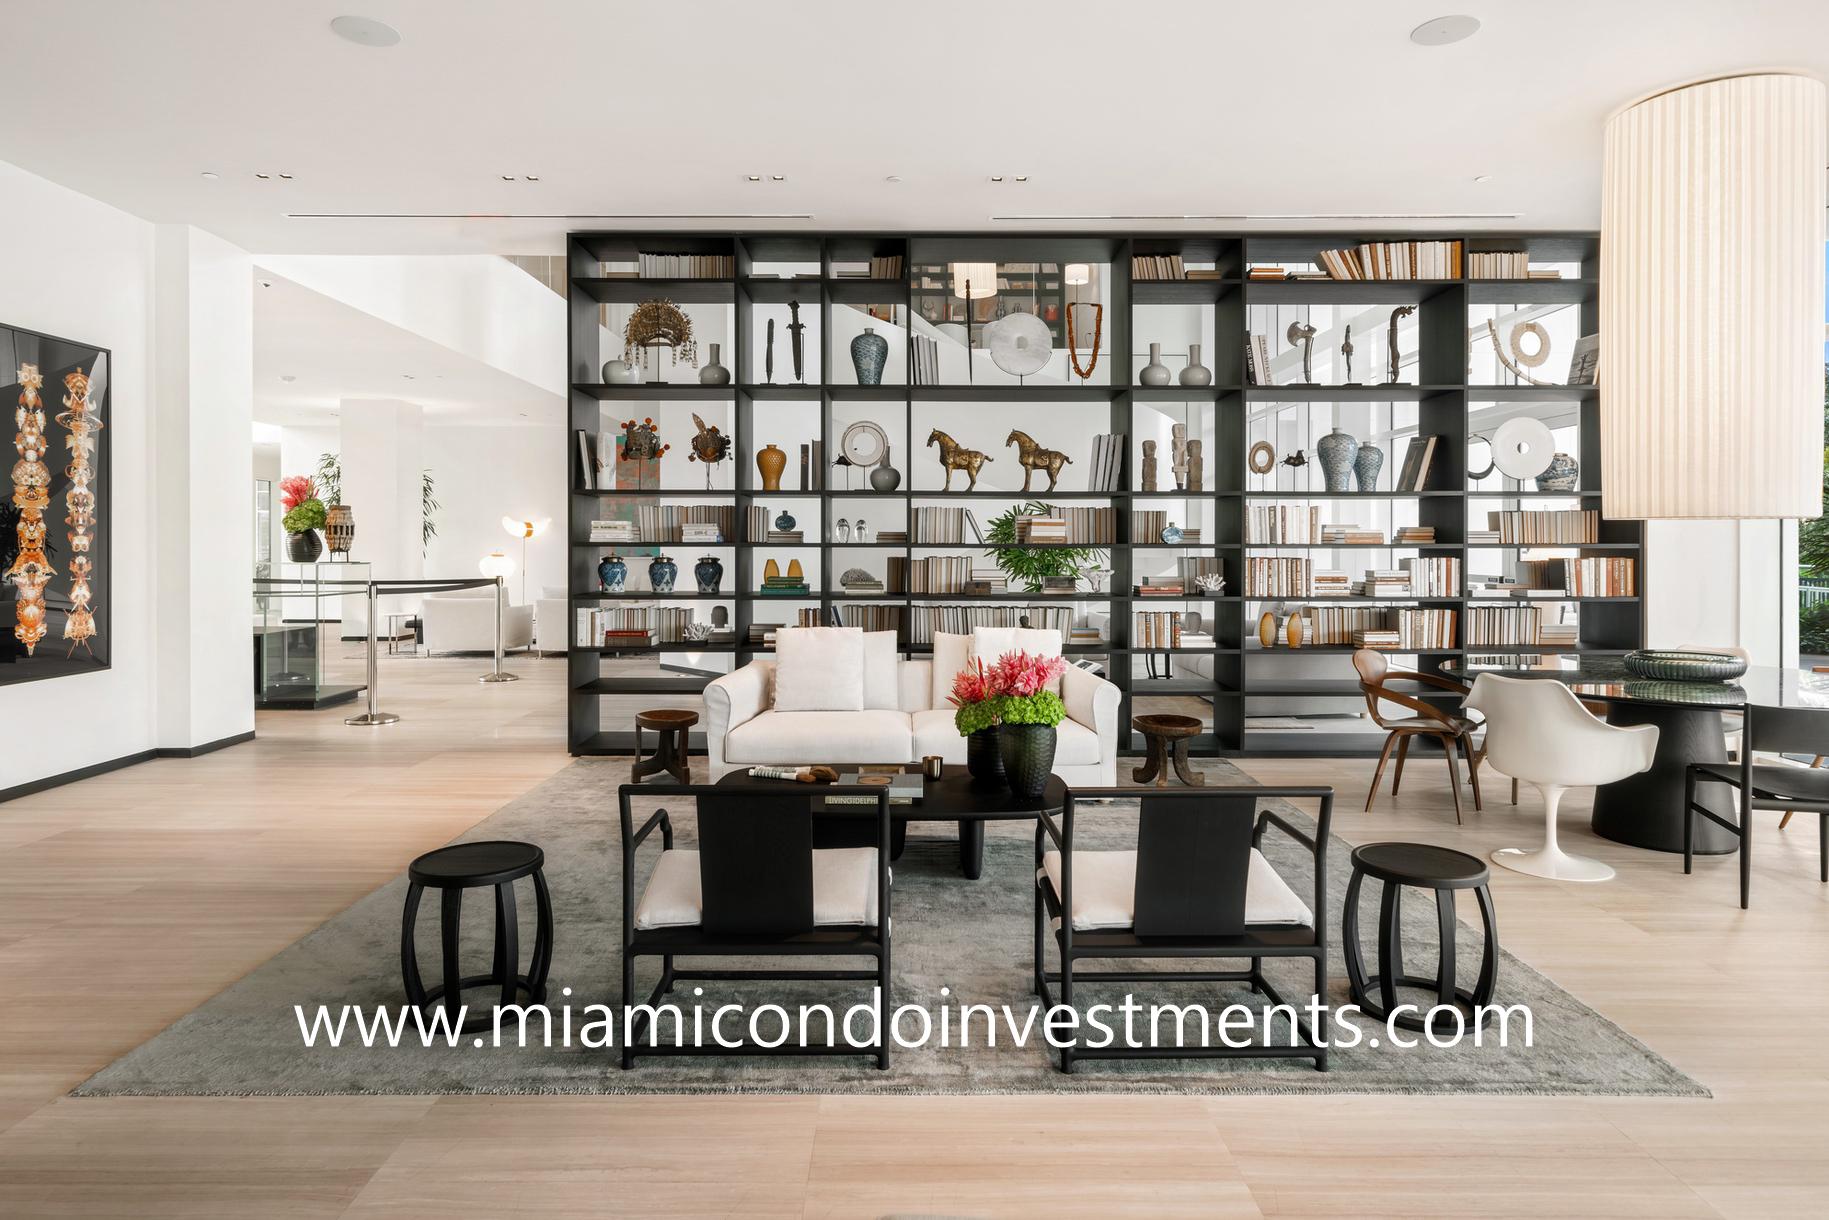 Ritz-Carlton Residences Miami Beach lounge area